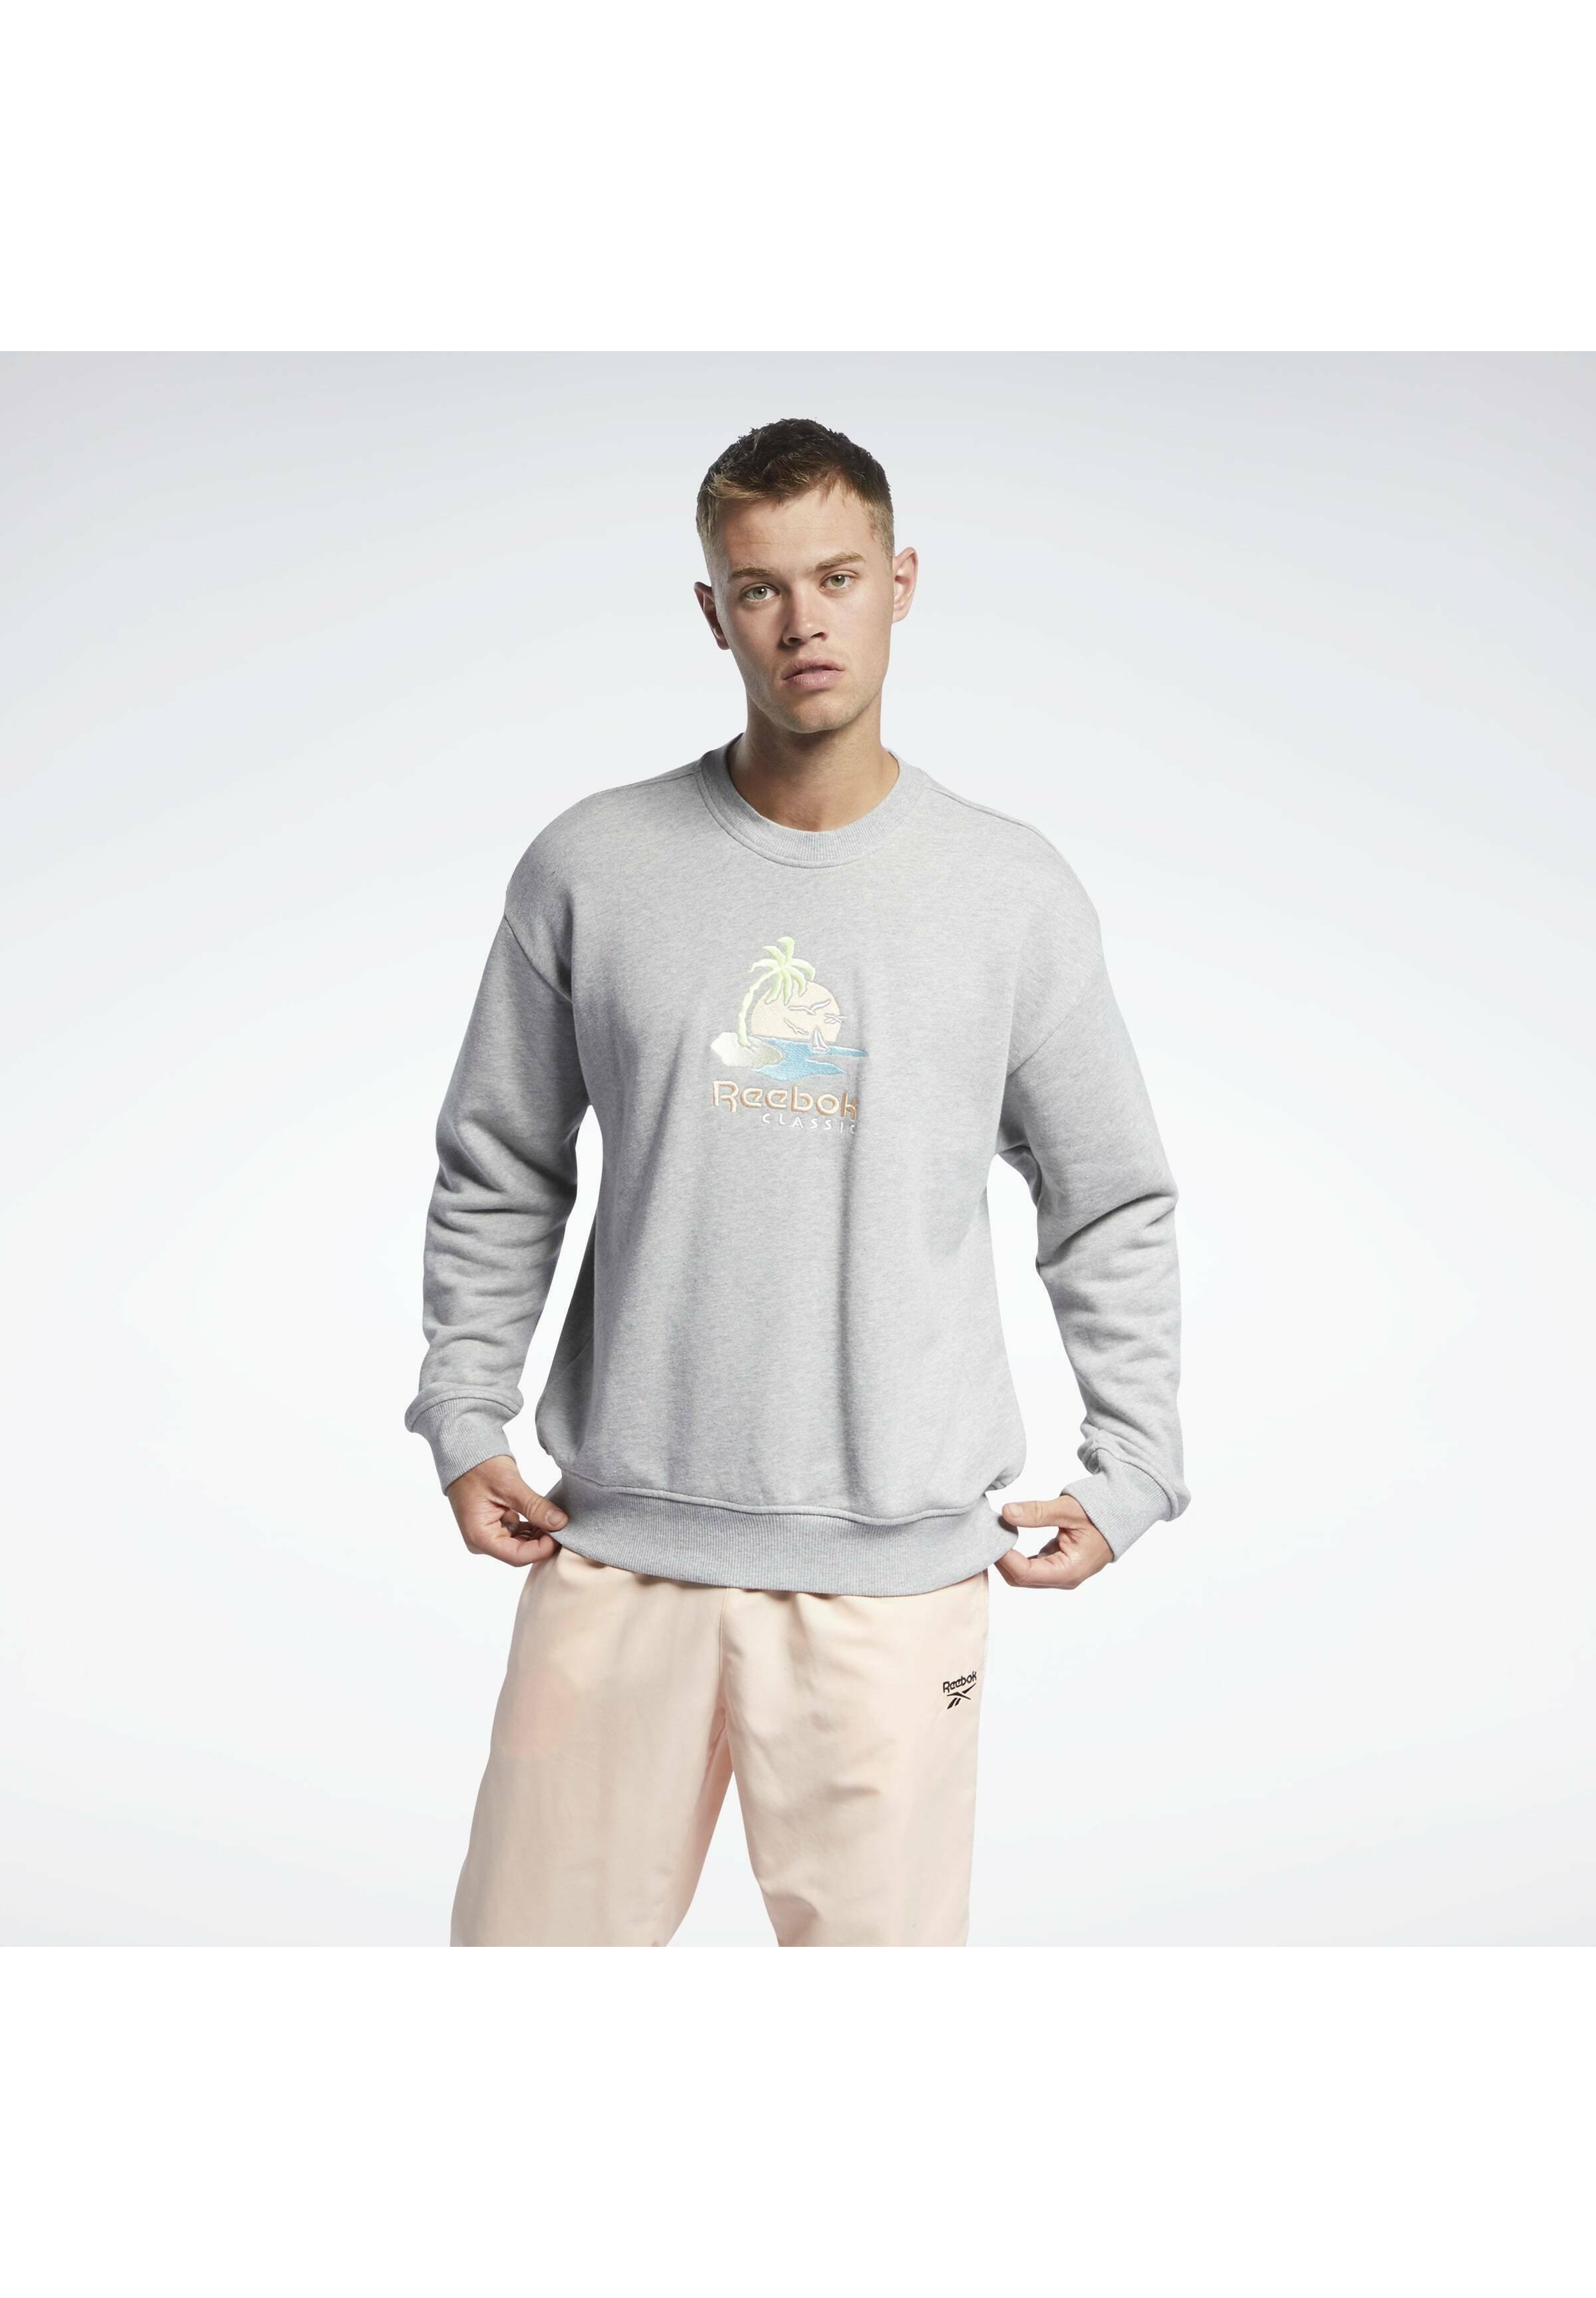 Homme CL SR GRAPHIC CREW - Sweatshirt